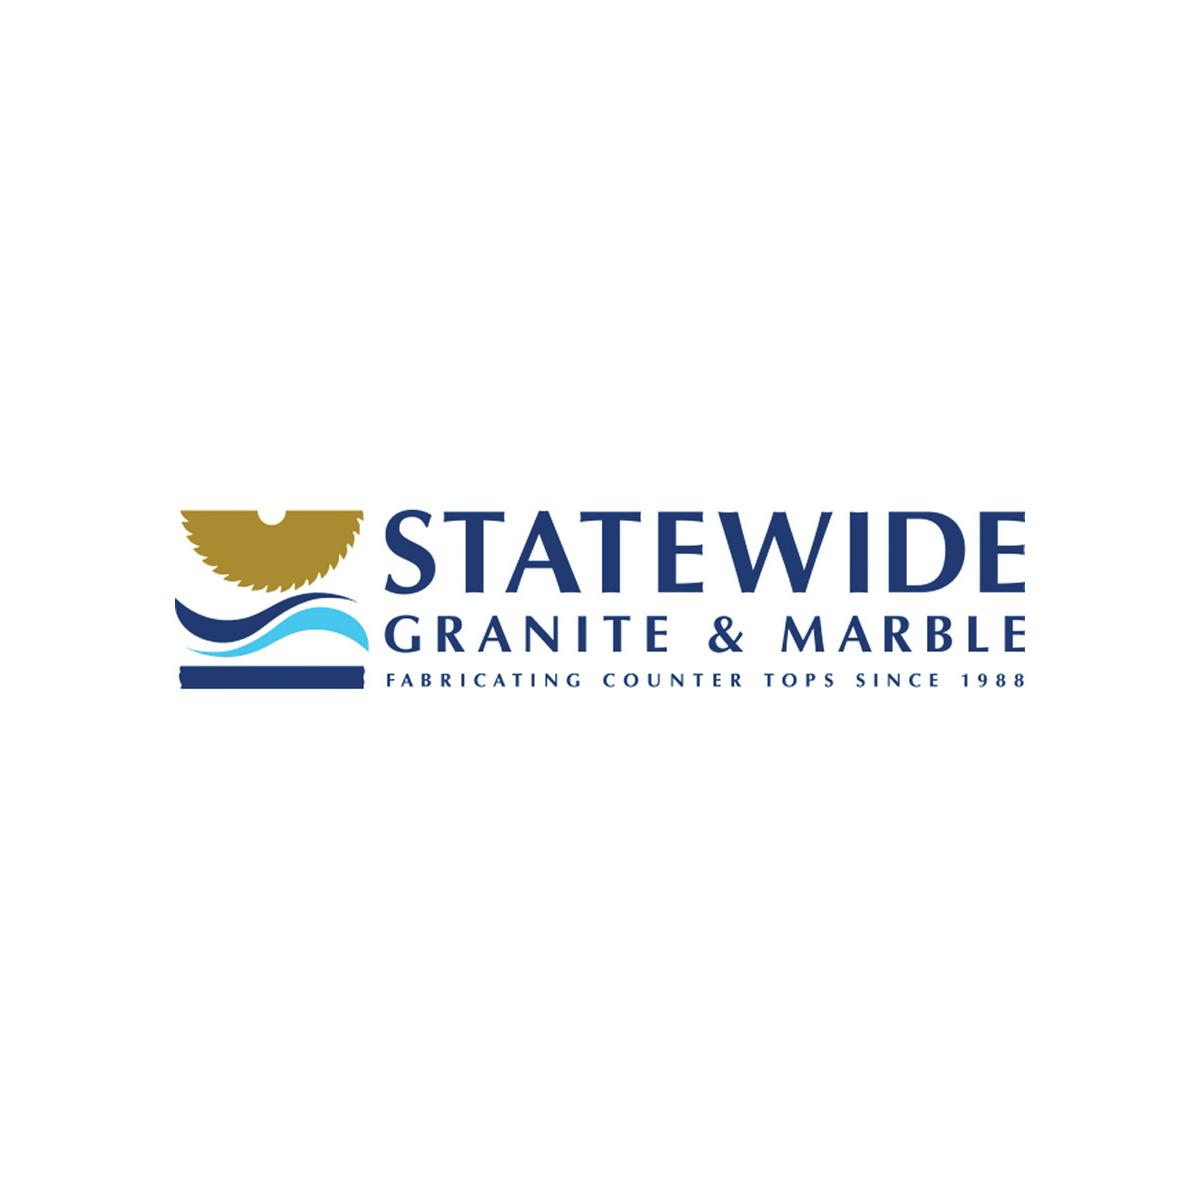 Statewide.jpg